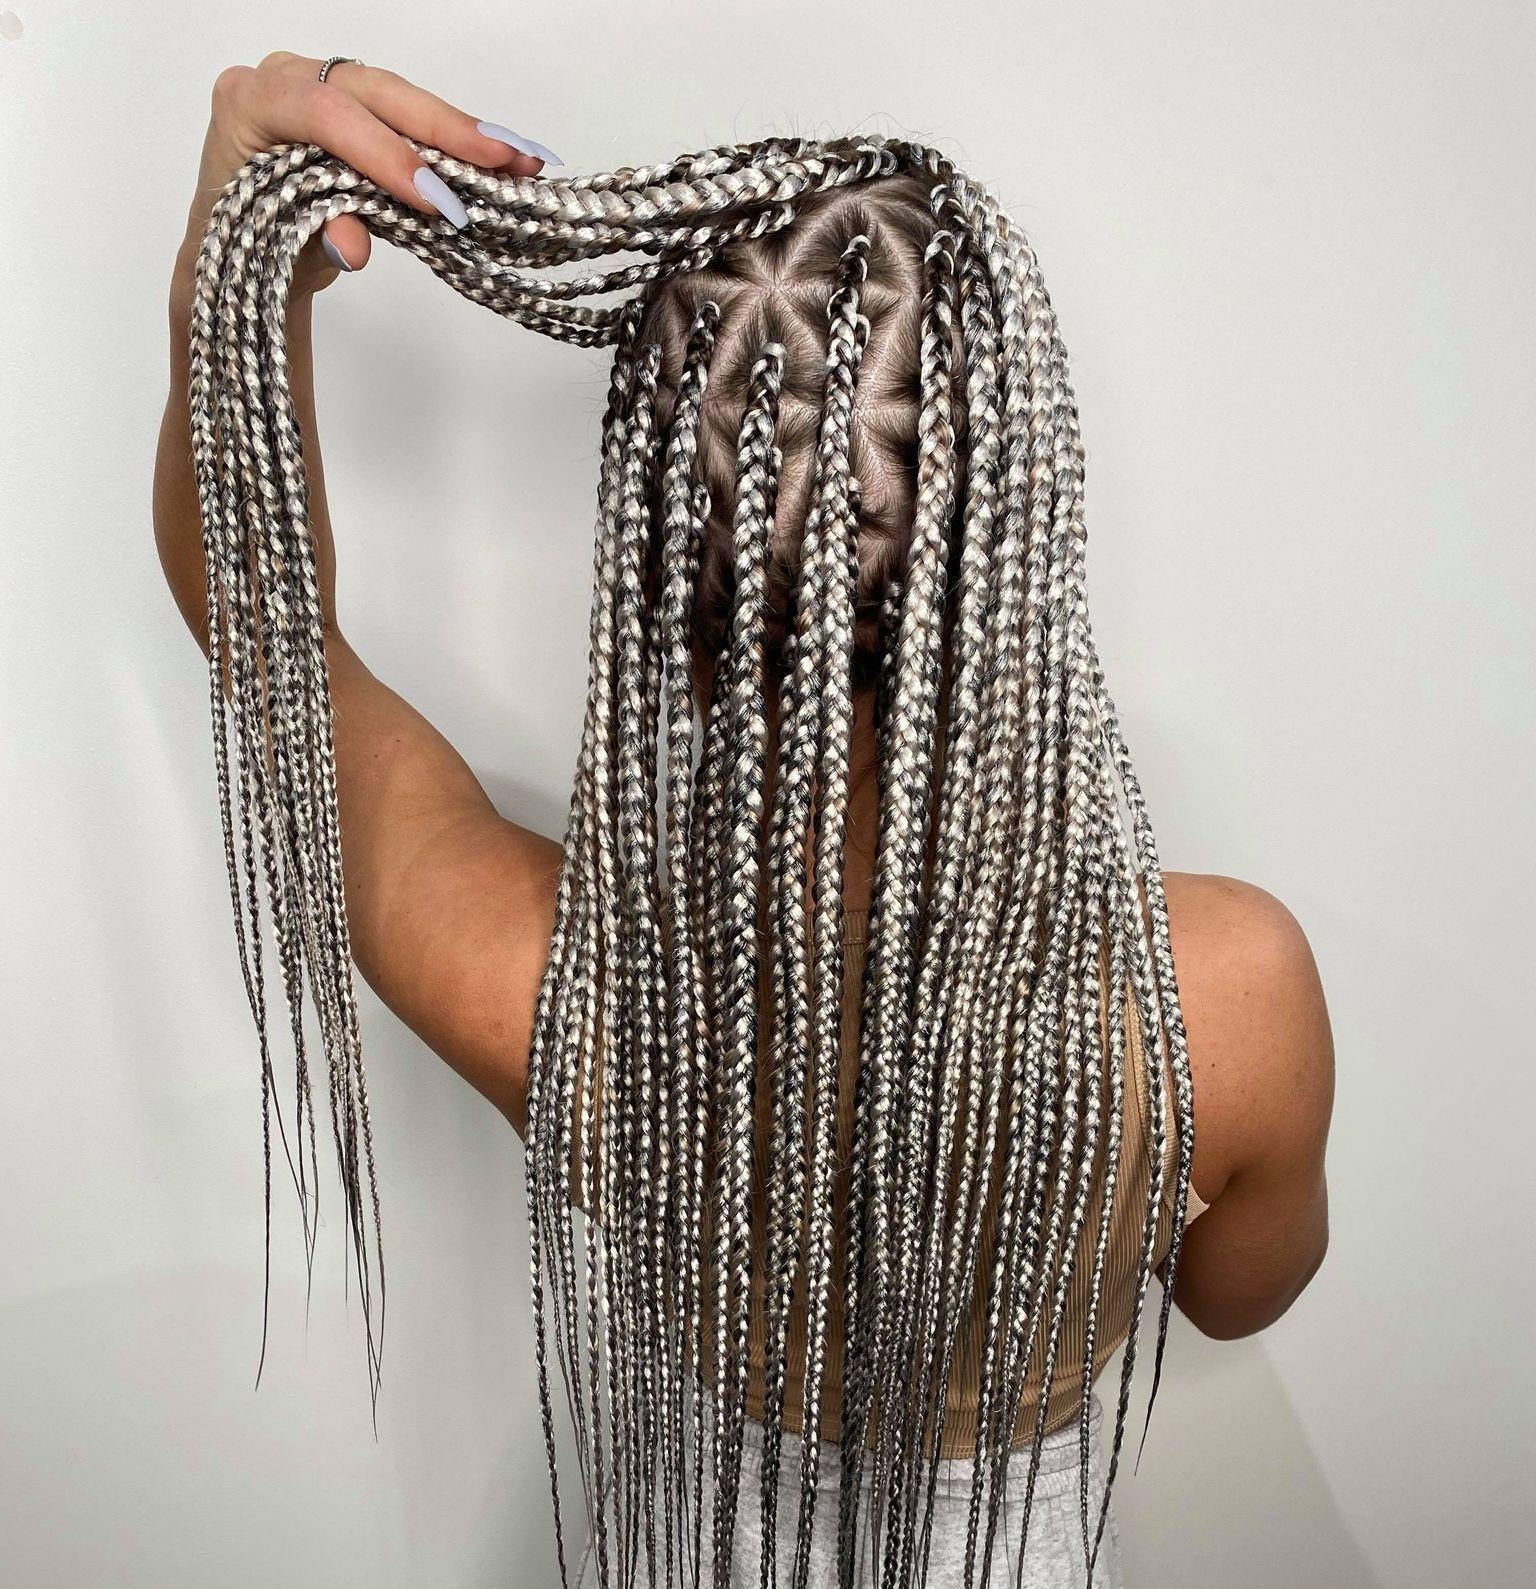 Waist length medium sized box braids